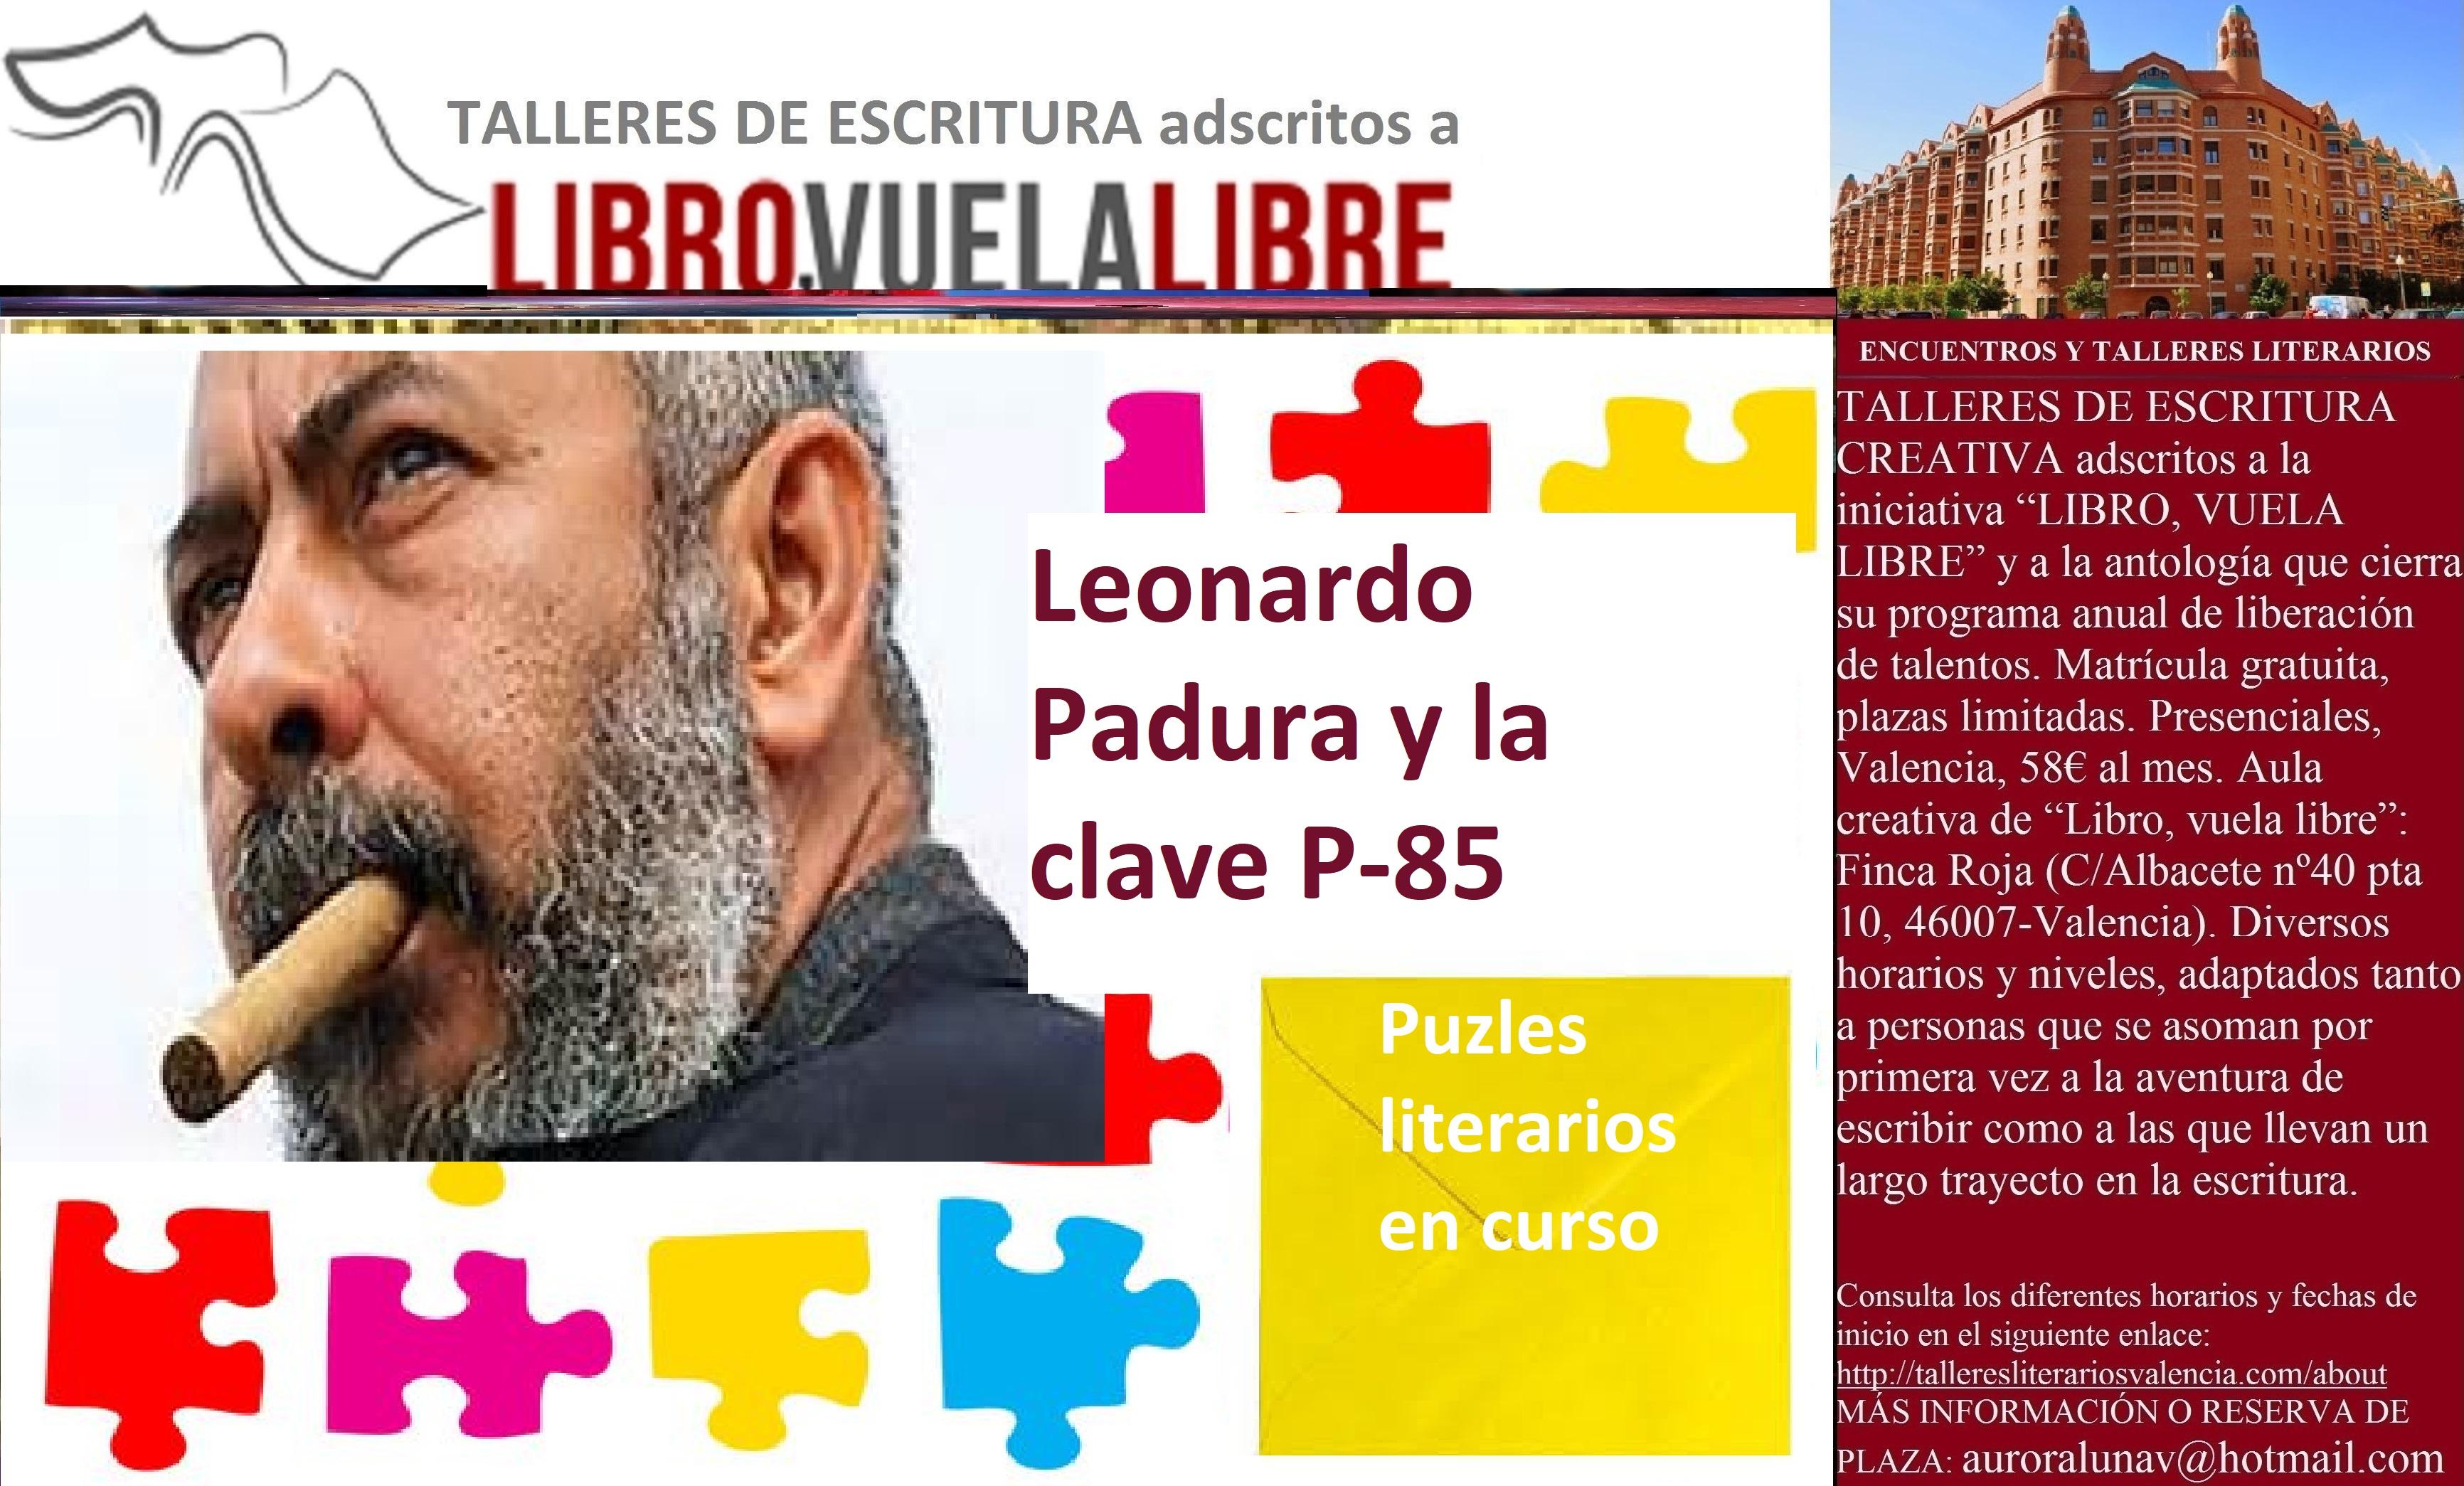 Leonardo Padura y la clave P-85. Talleres literarios en curso